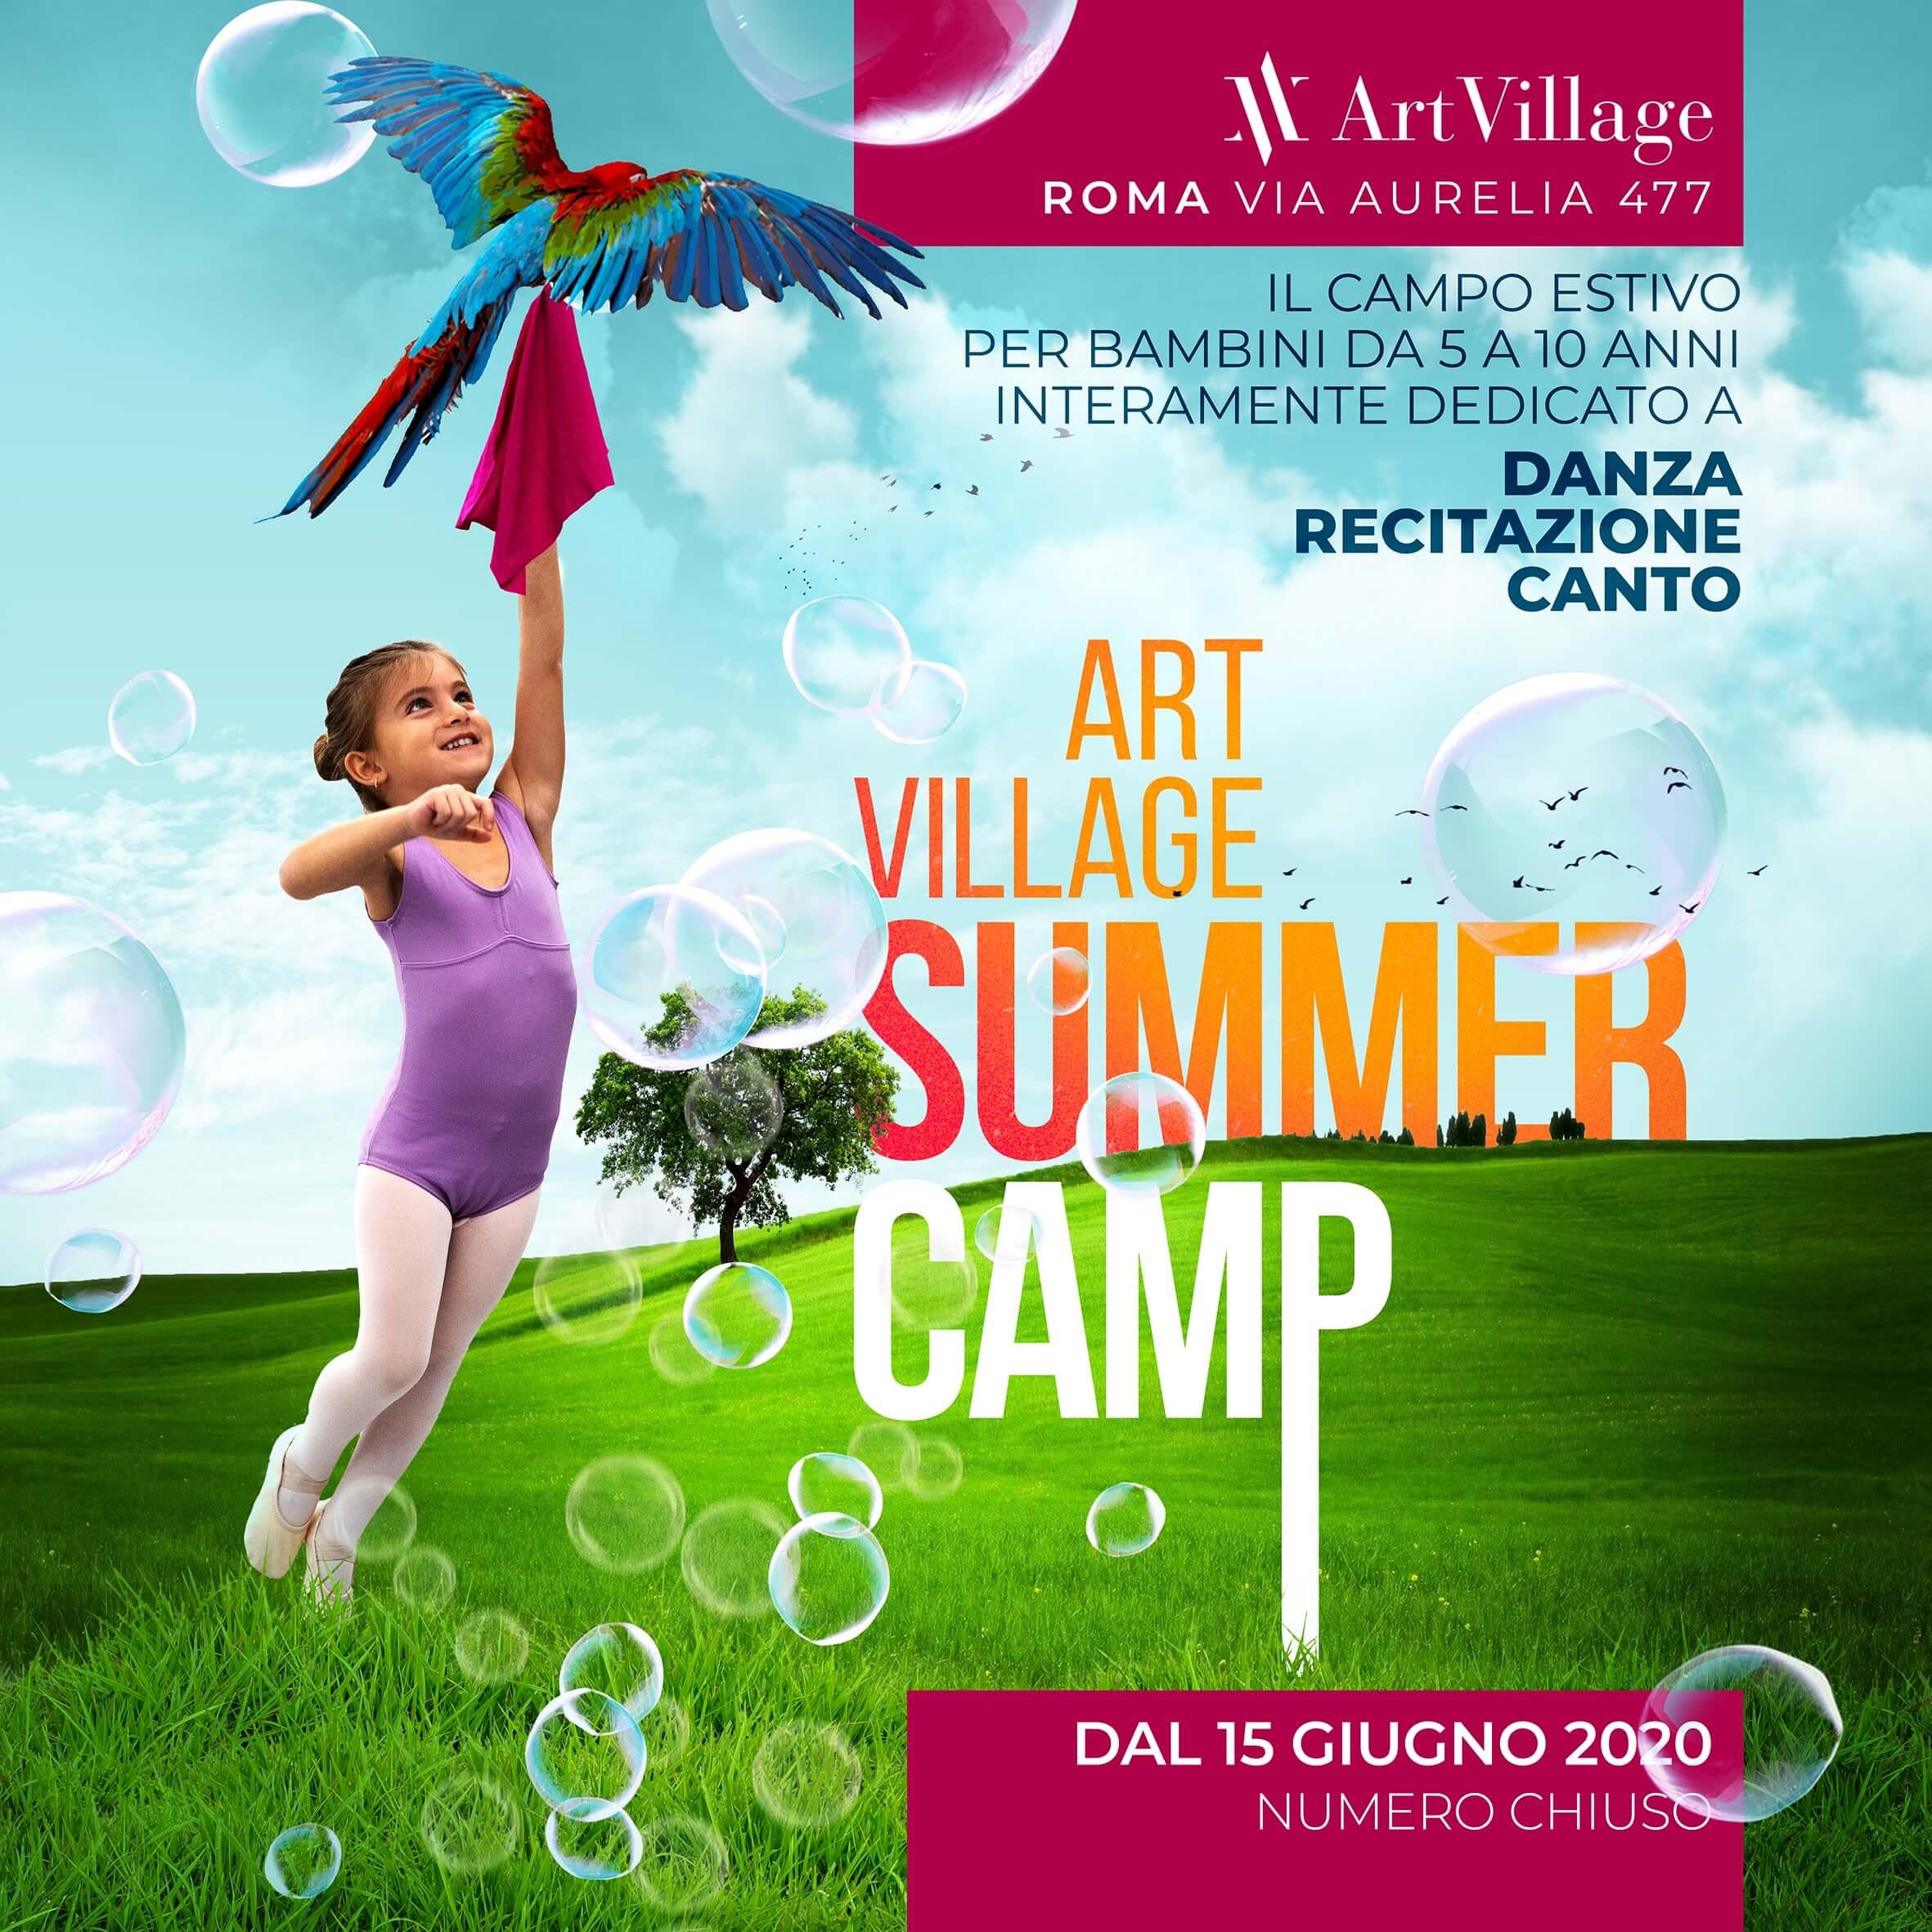 Art Village Summer Camp